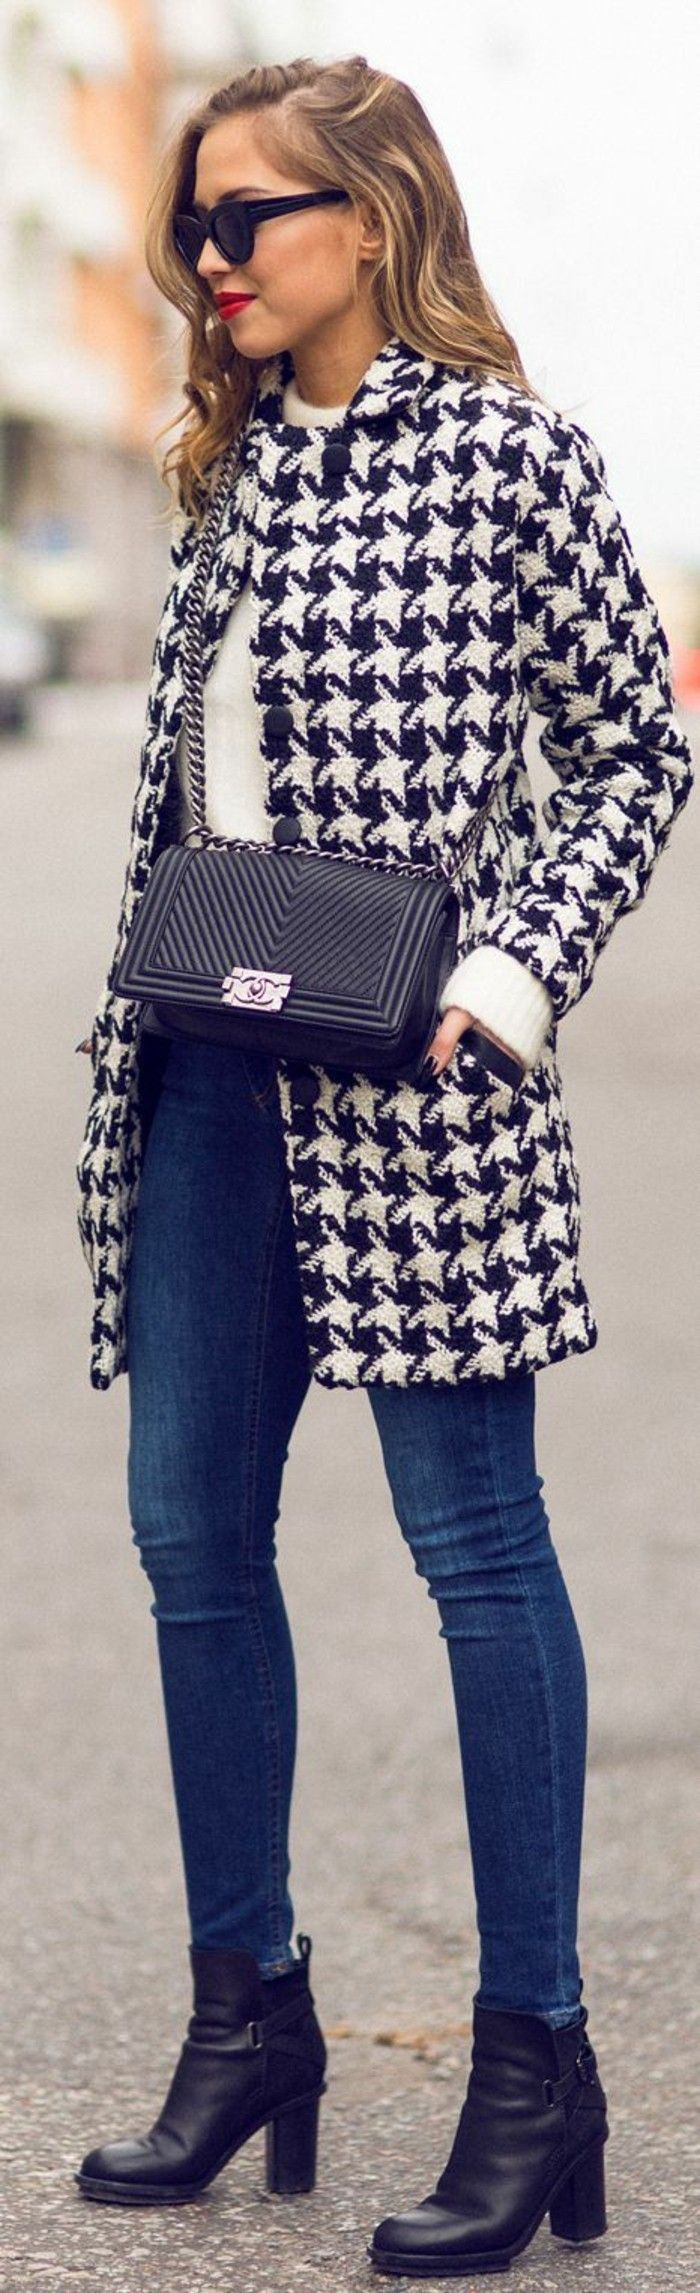 un manteau cintré femme à coupe élégante, un petit sac à rabat, une élégance intemporelle